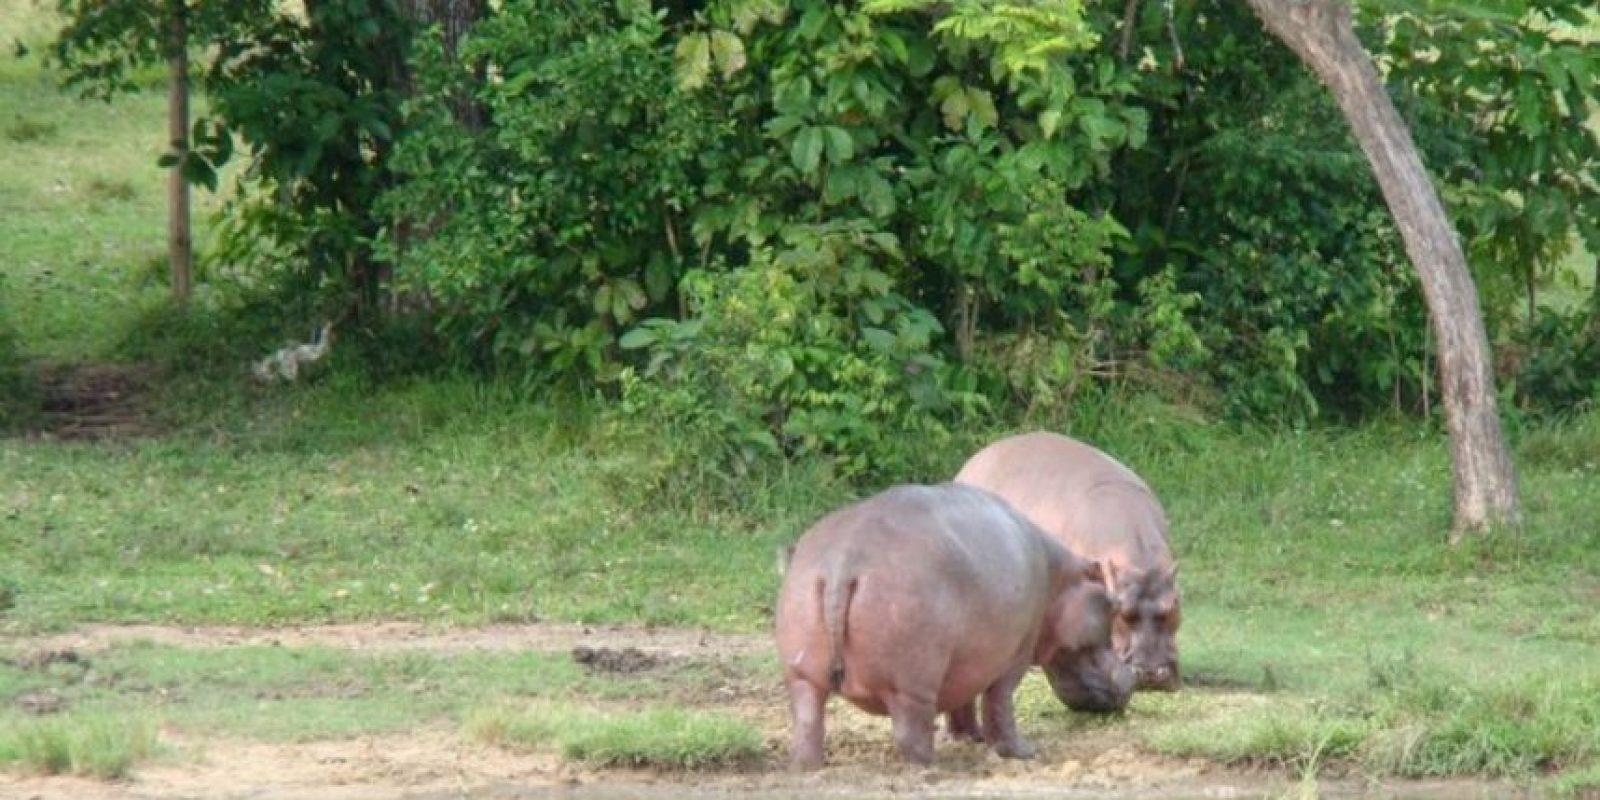 Únicamente se paga una entrada personal Foto:Vía haciendanapoles.com